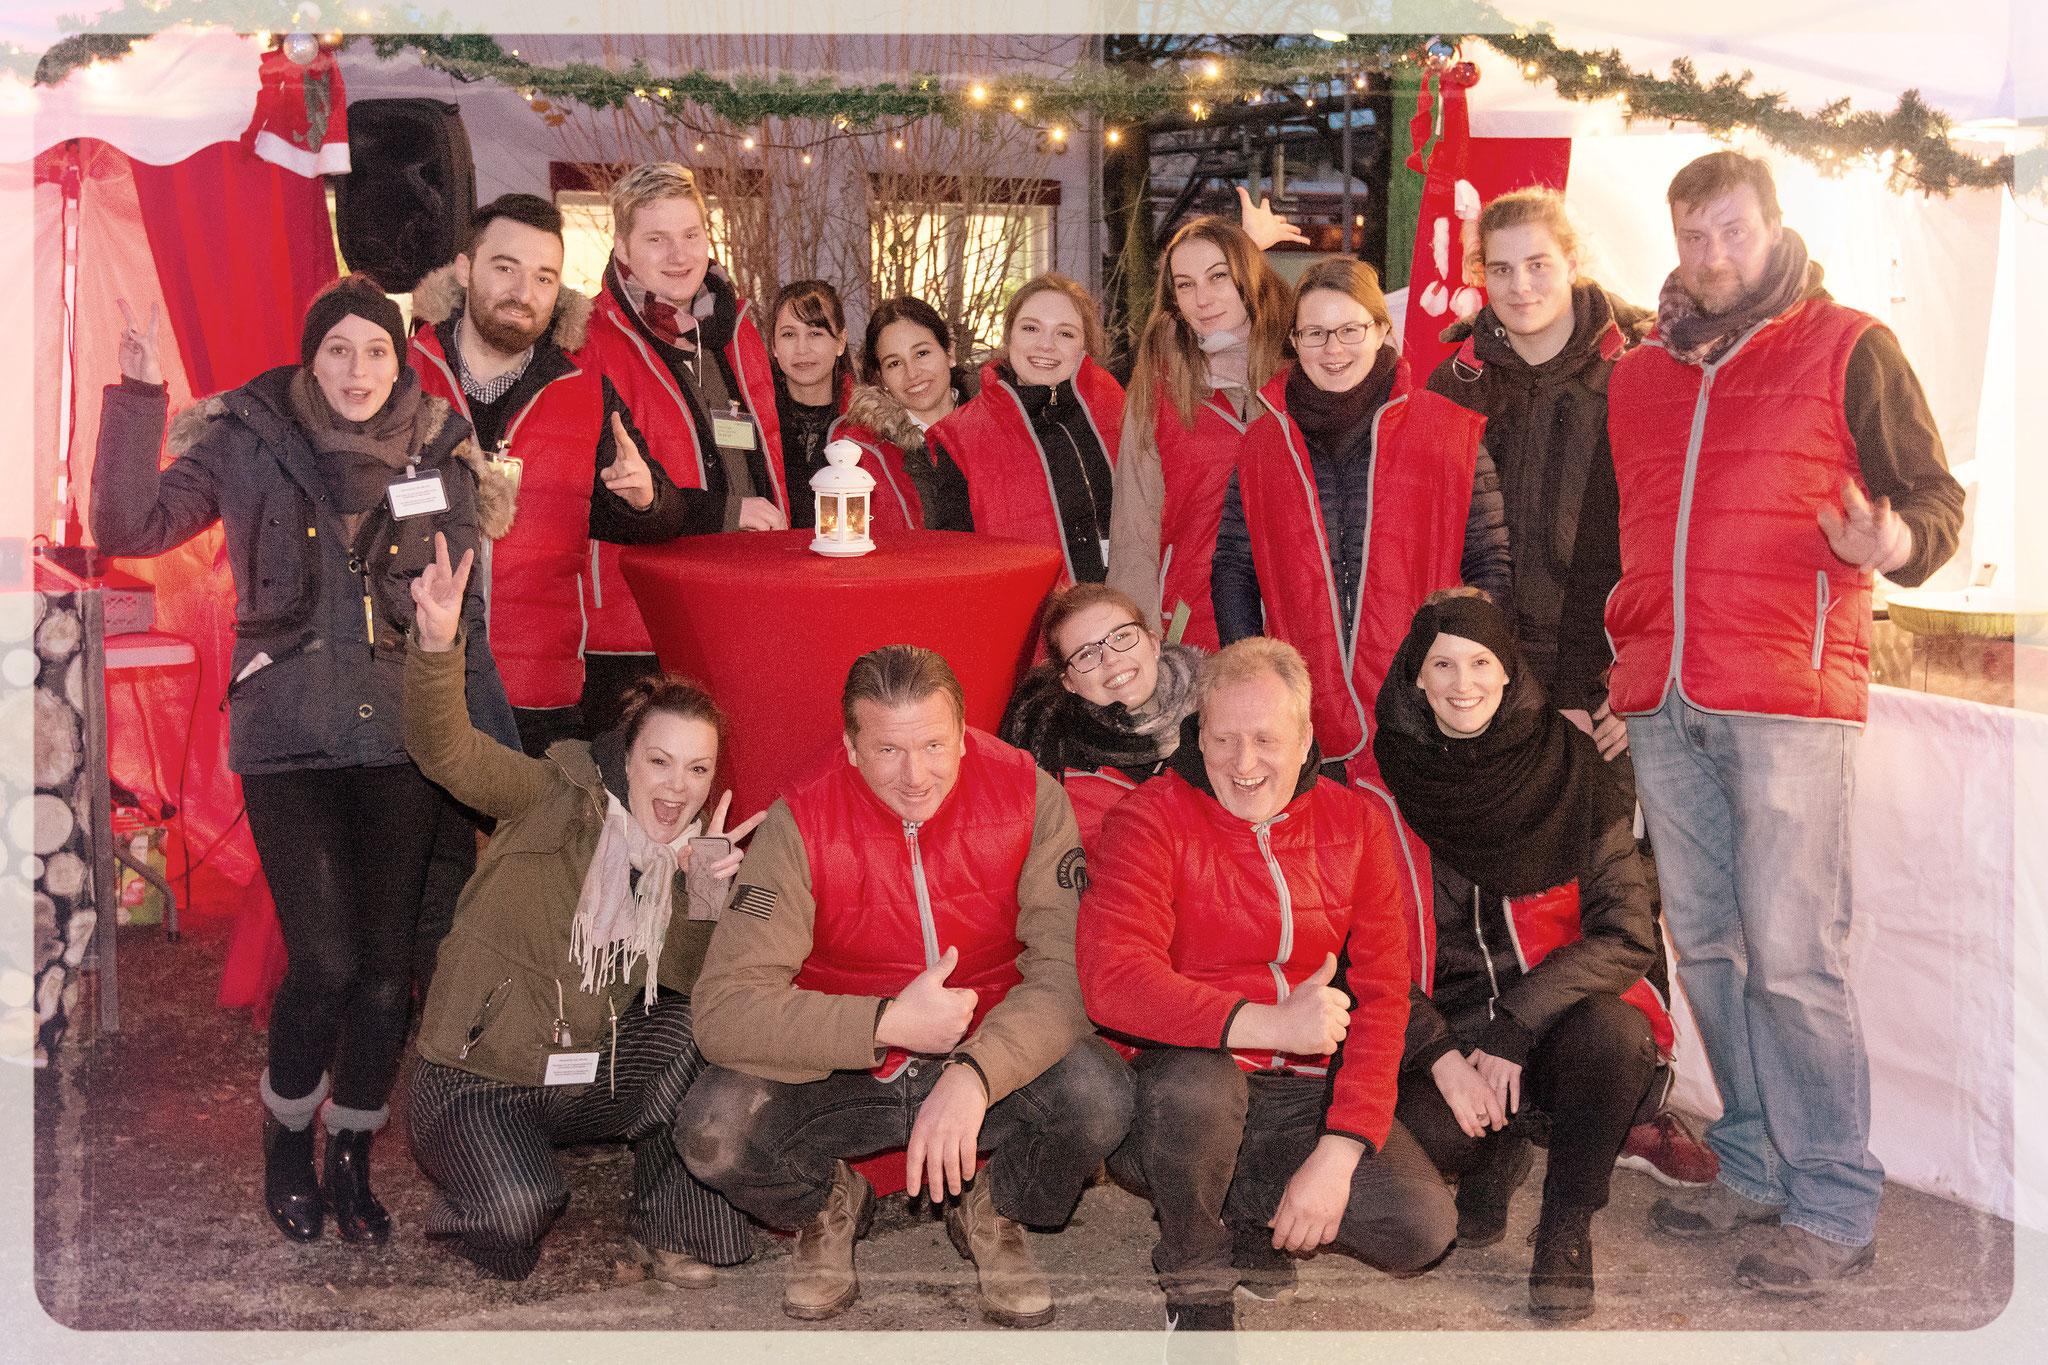 Der Team von Highlight Eventoffice wünscht viel Spaß in Bremen